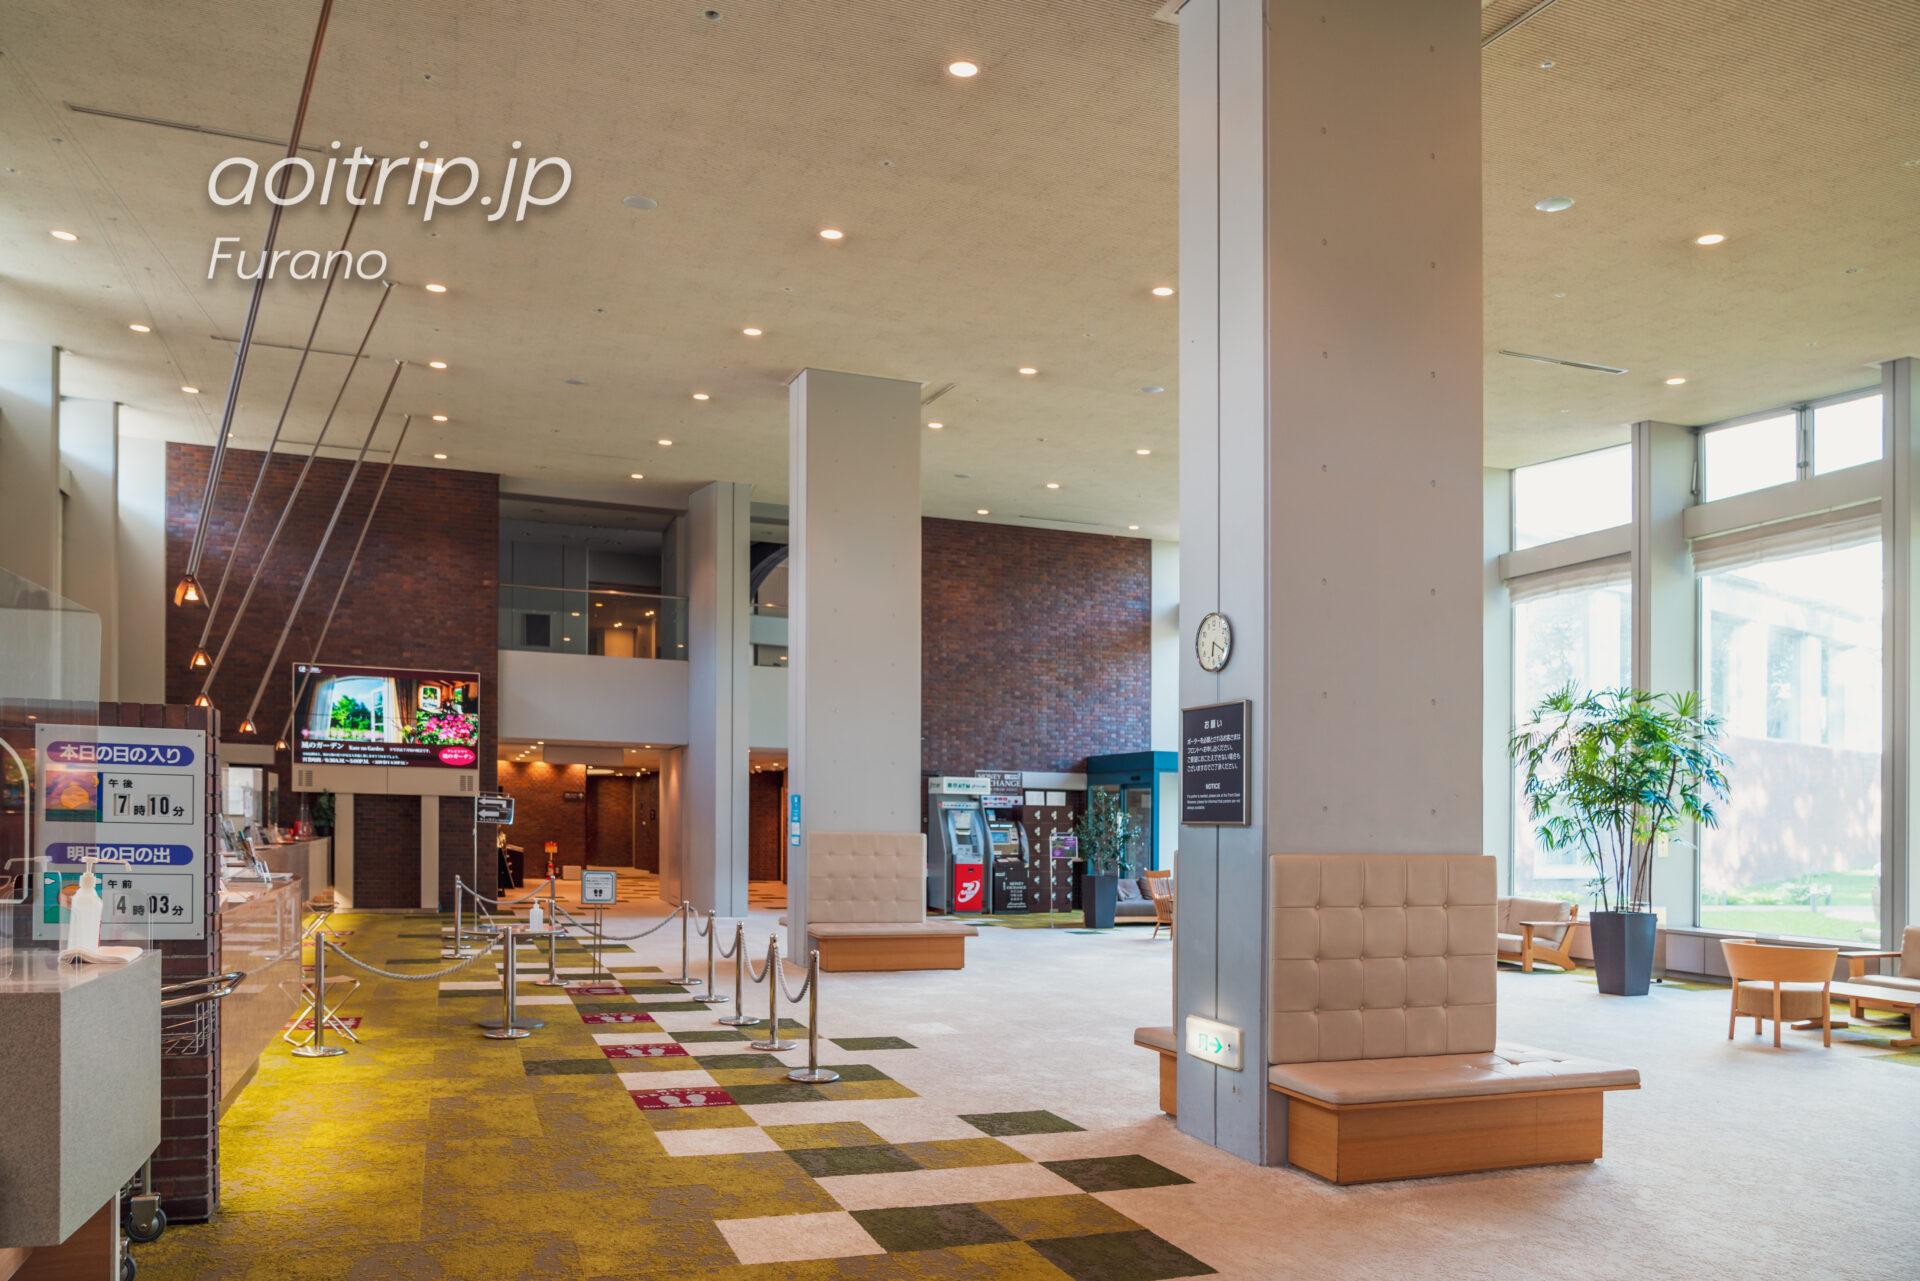 新富良野プリンスホテル 『北の国から '98時代』で純がチェックイン手続きをしたレセプション